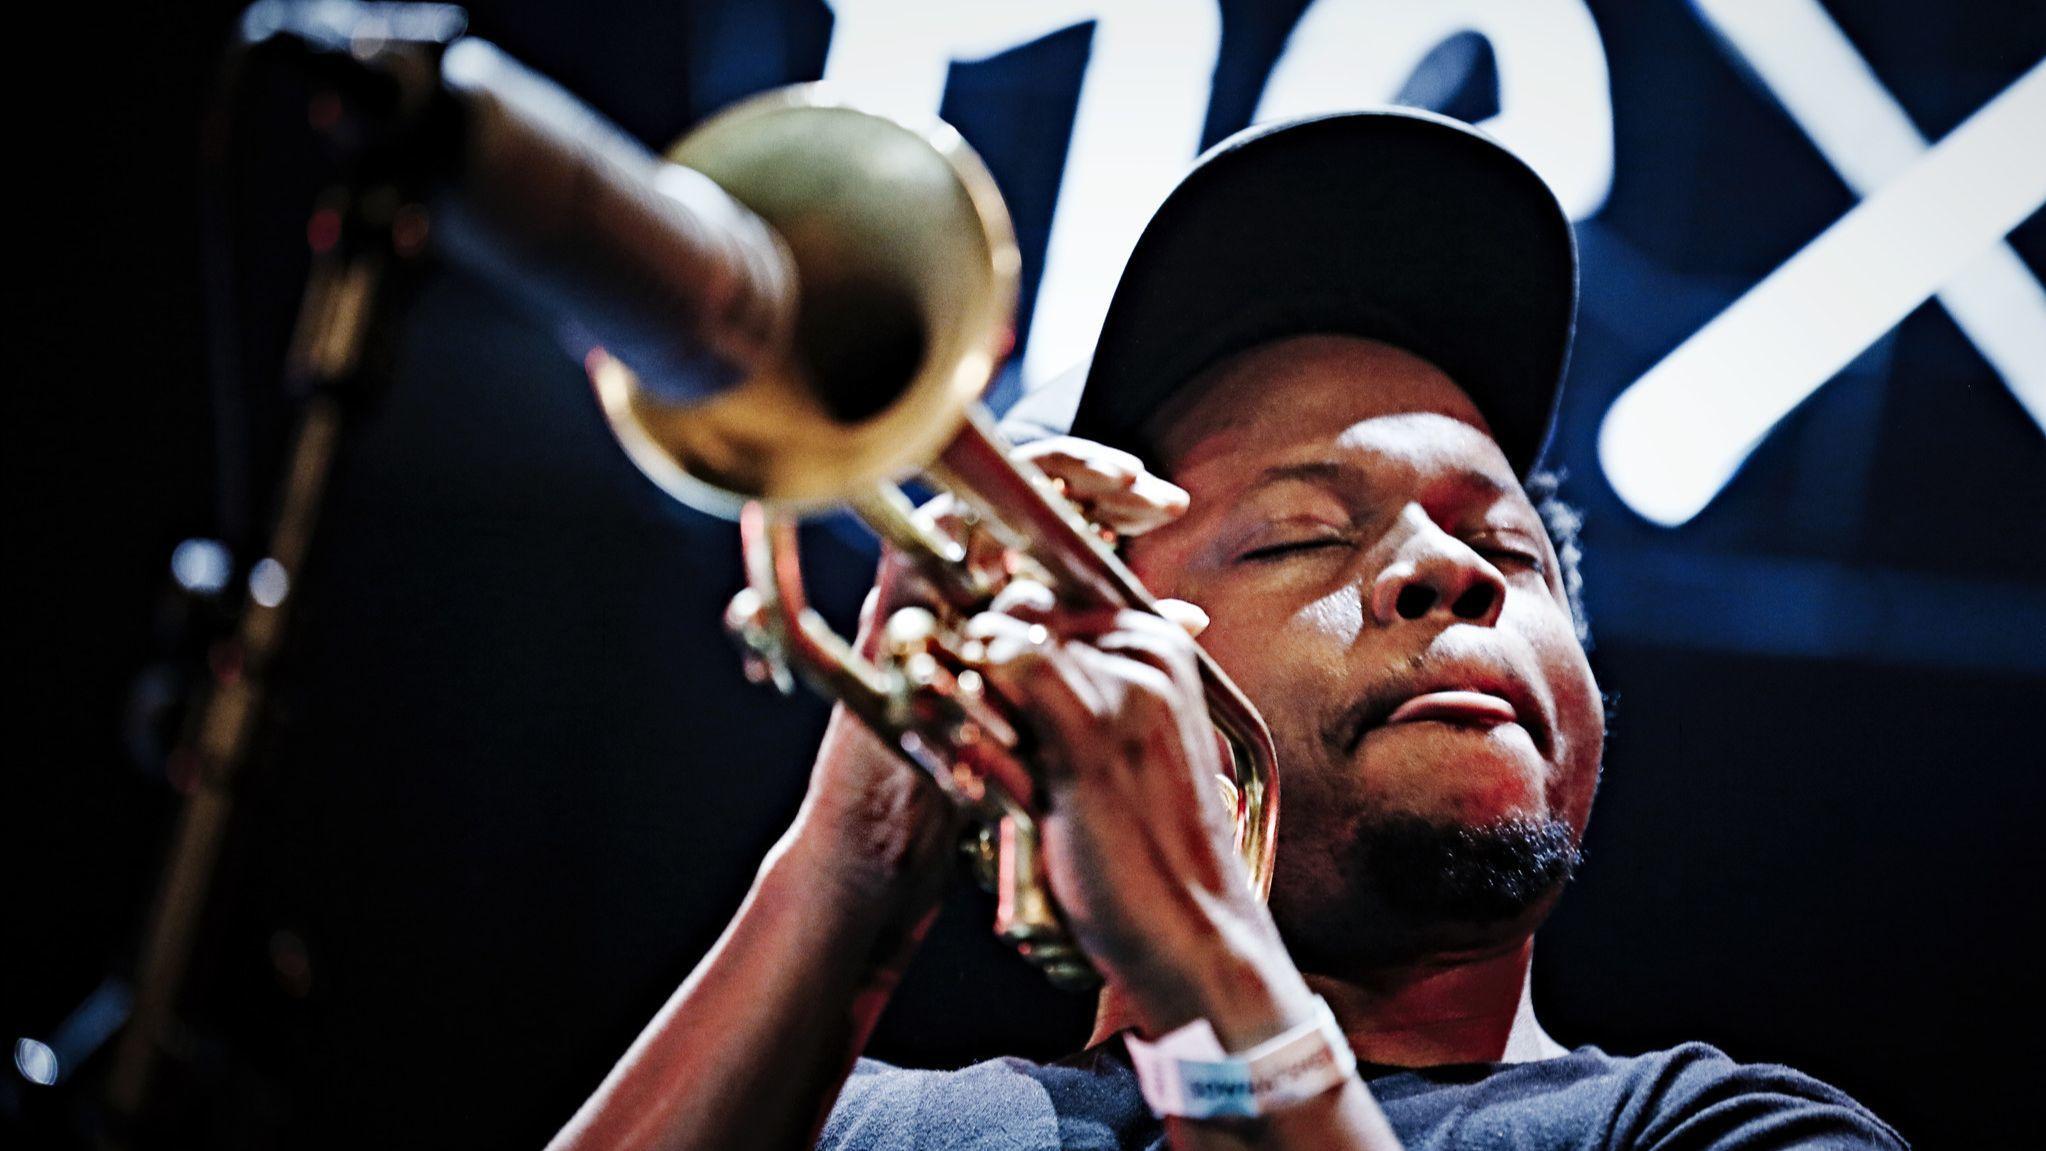 Best of 2018: In jazz, powerful voices demand being heard